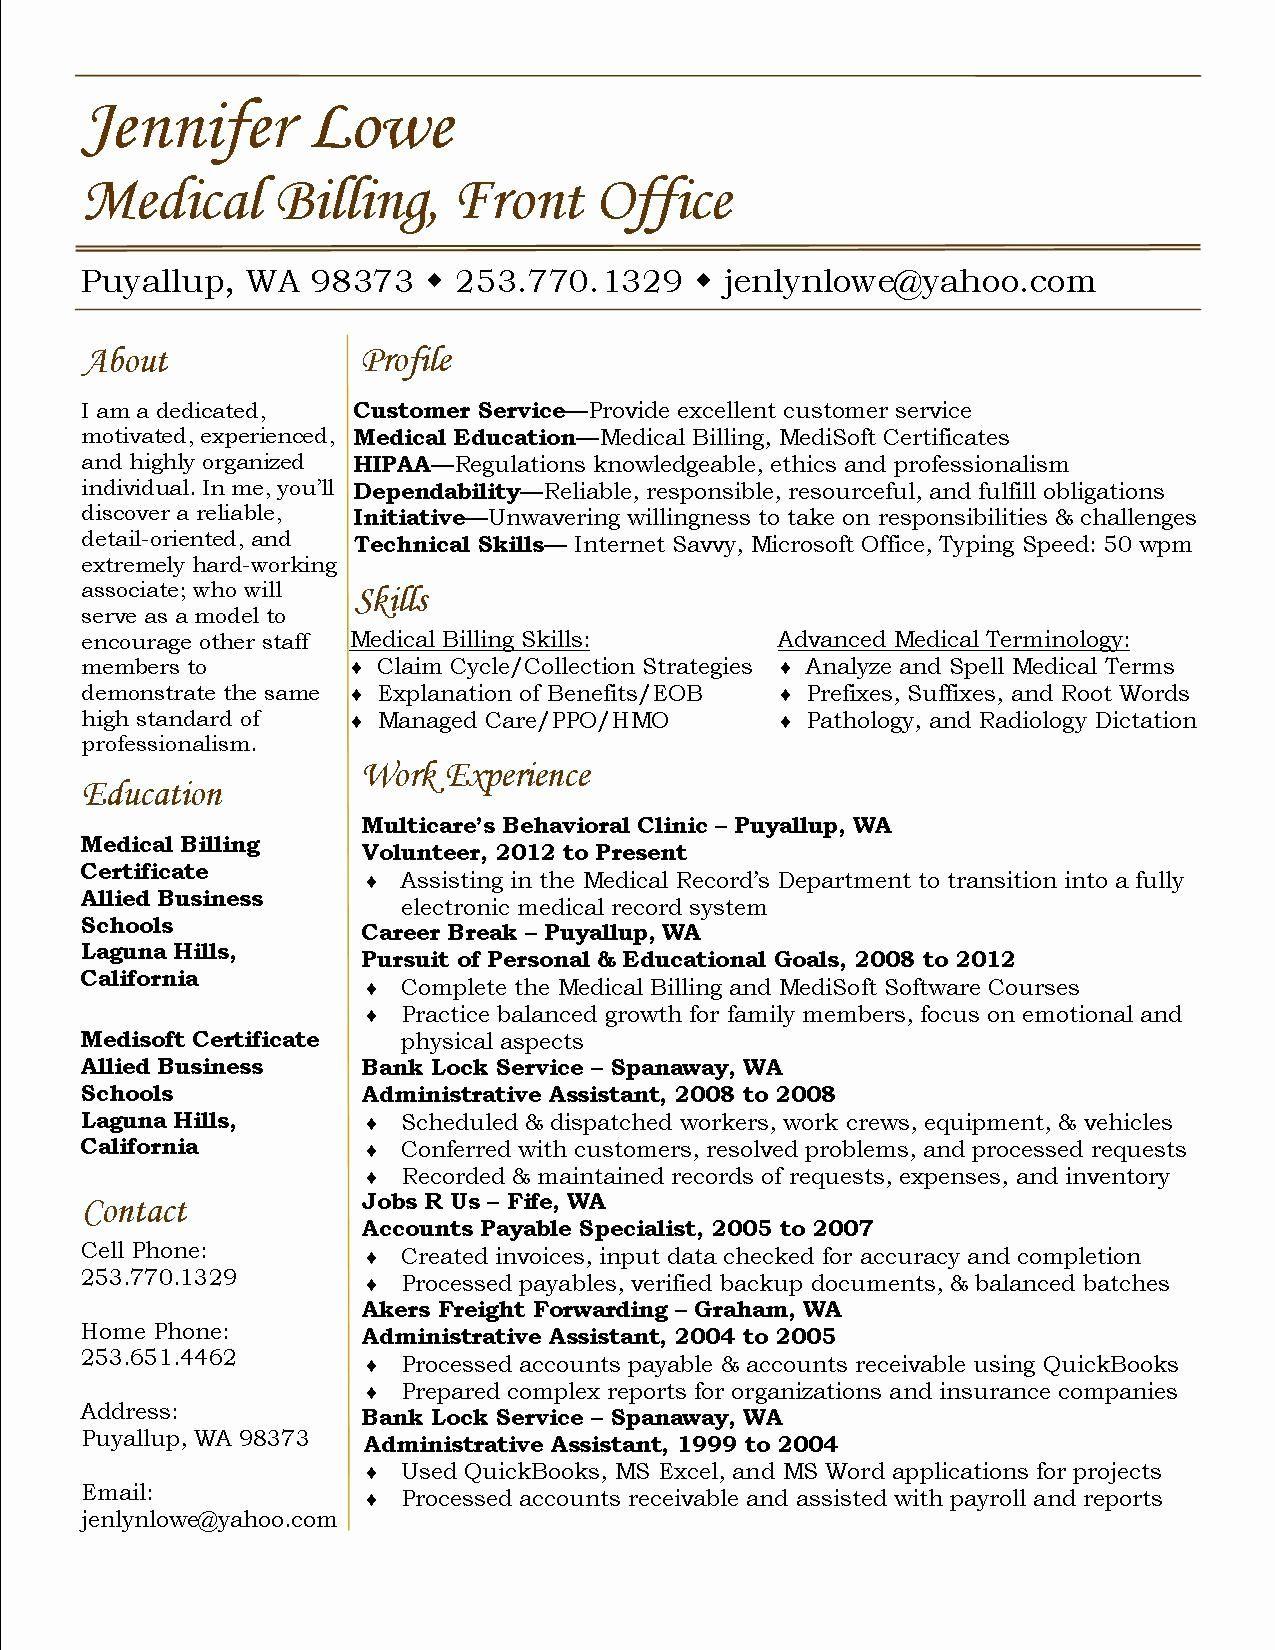 resume templates for medical biller